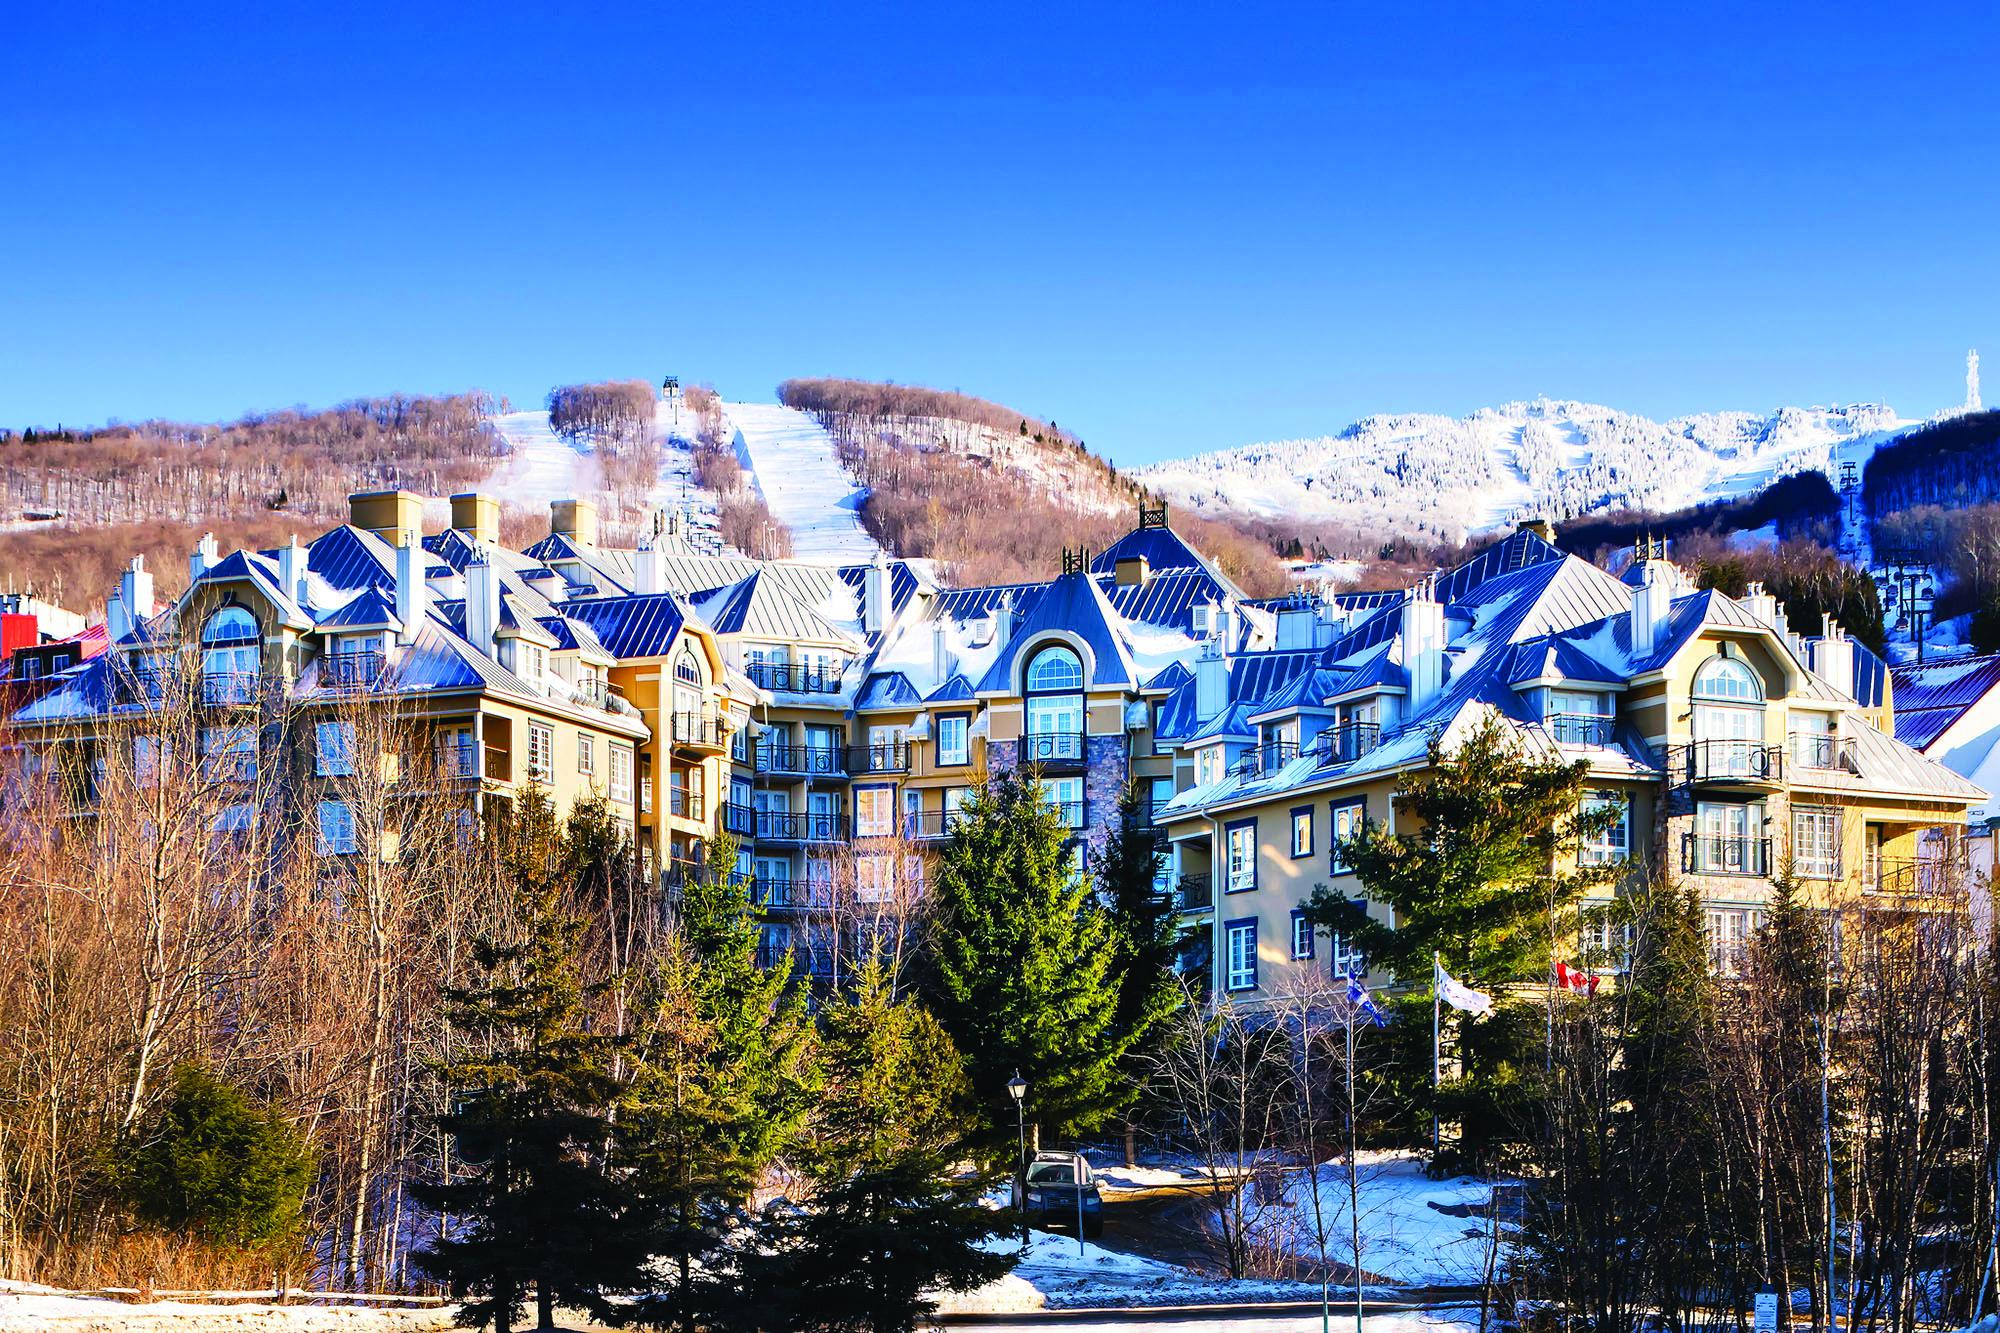 Le Westin Resort & Spa Tremblant met la touche finale aux rénovations de la propriété en entier et inspire plus que jamais le bien-être sur quatre saisons. (Groupe CNW/Westin Resort & Spa)